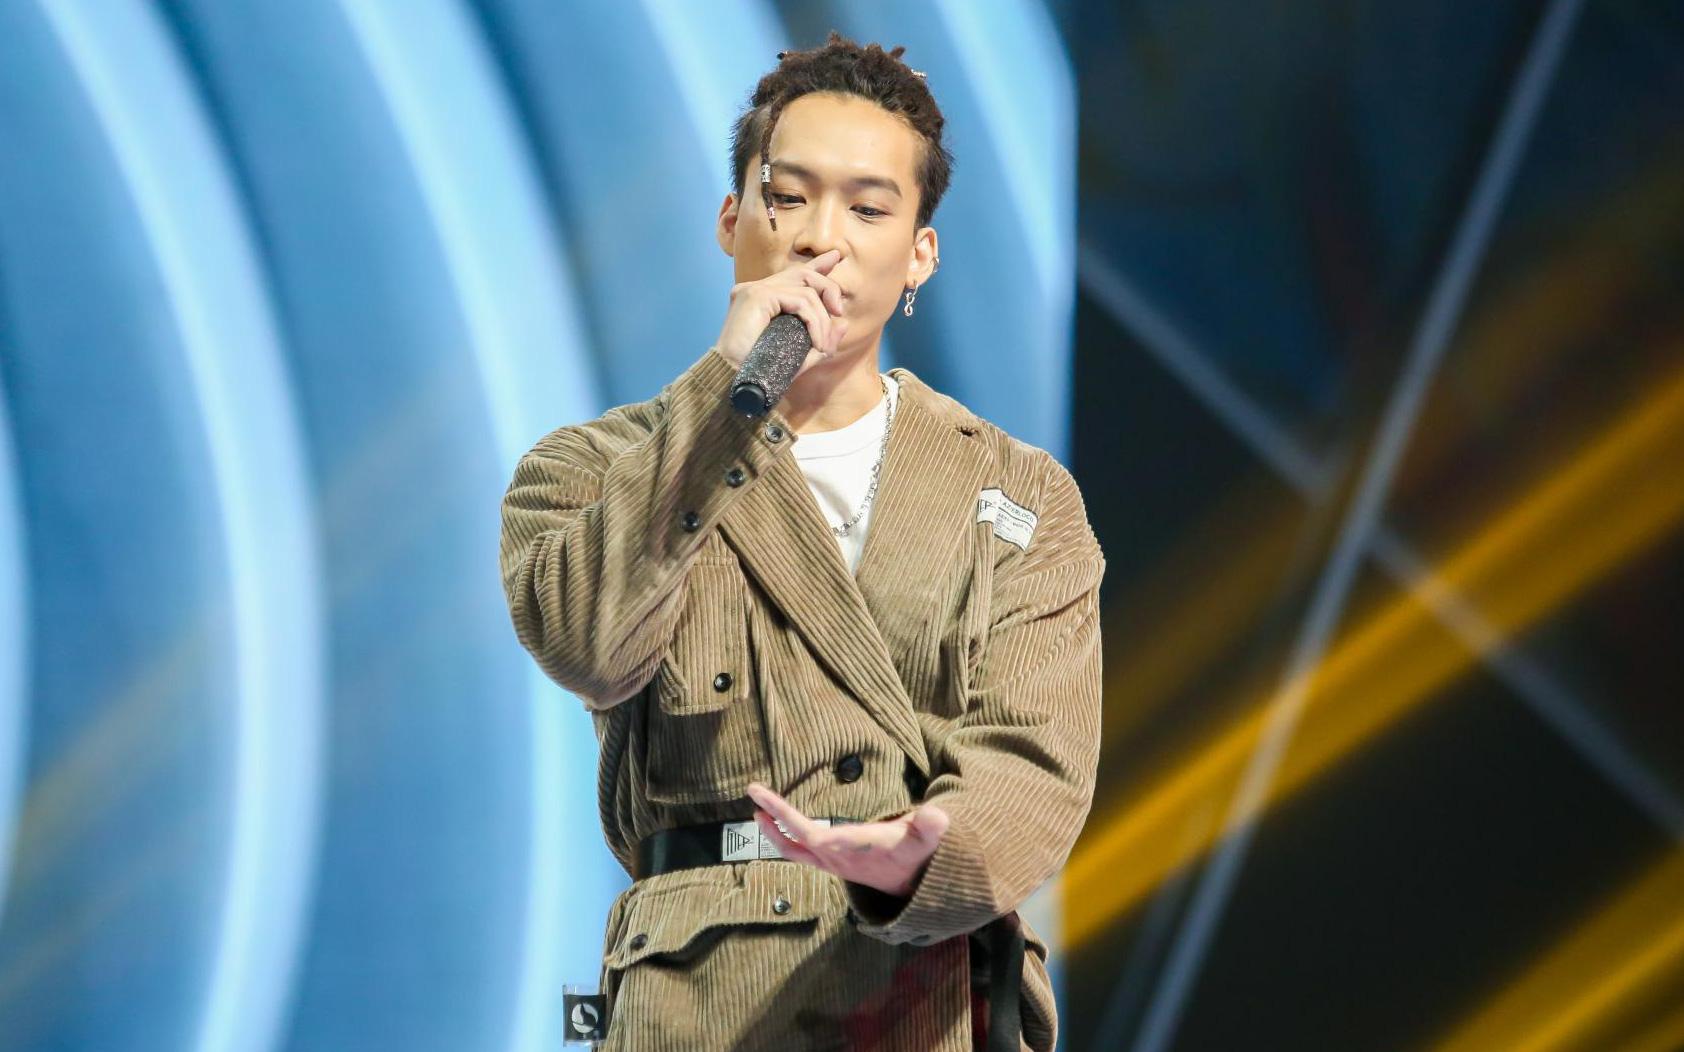 King Of Rap: Bất ngờ với bản Rap Hoa Nở Không Màu, thí sinh Rap nhạc Trịnh được book show ngay tại sân khấu